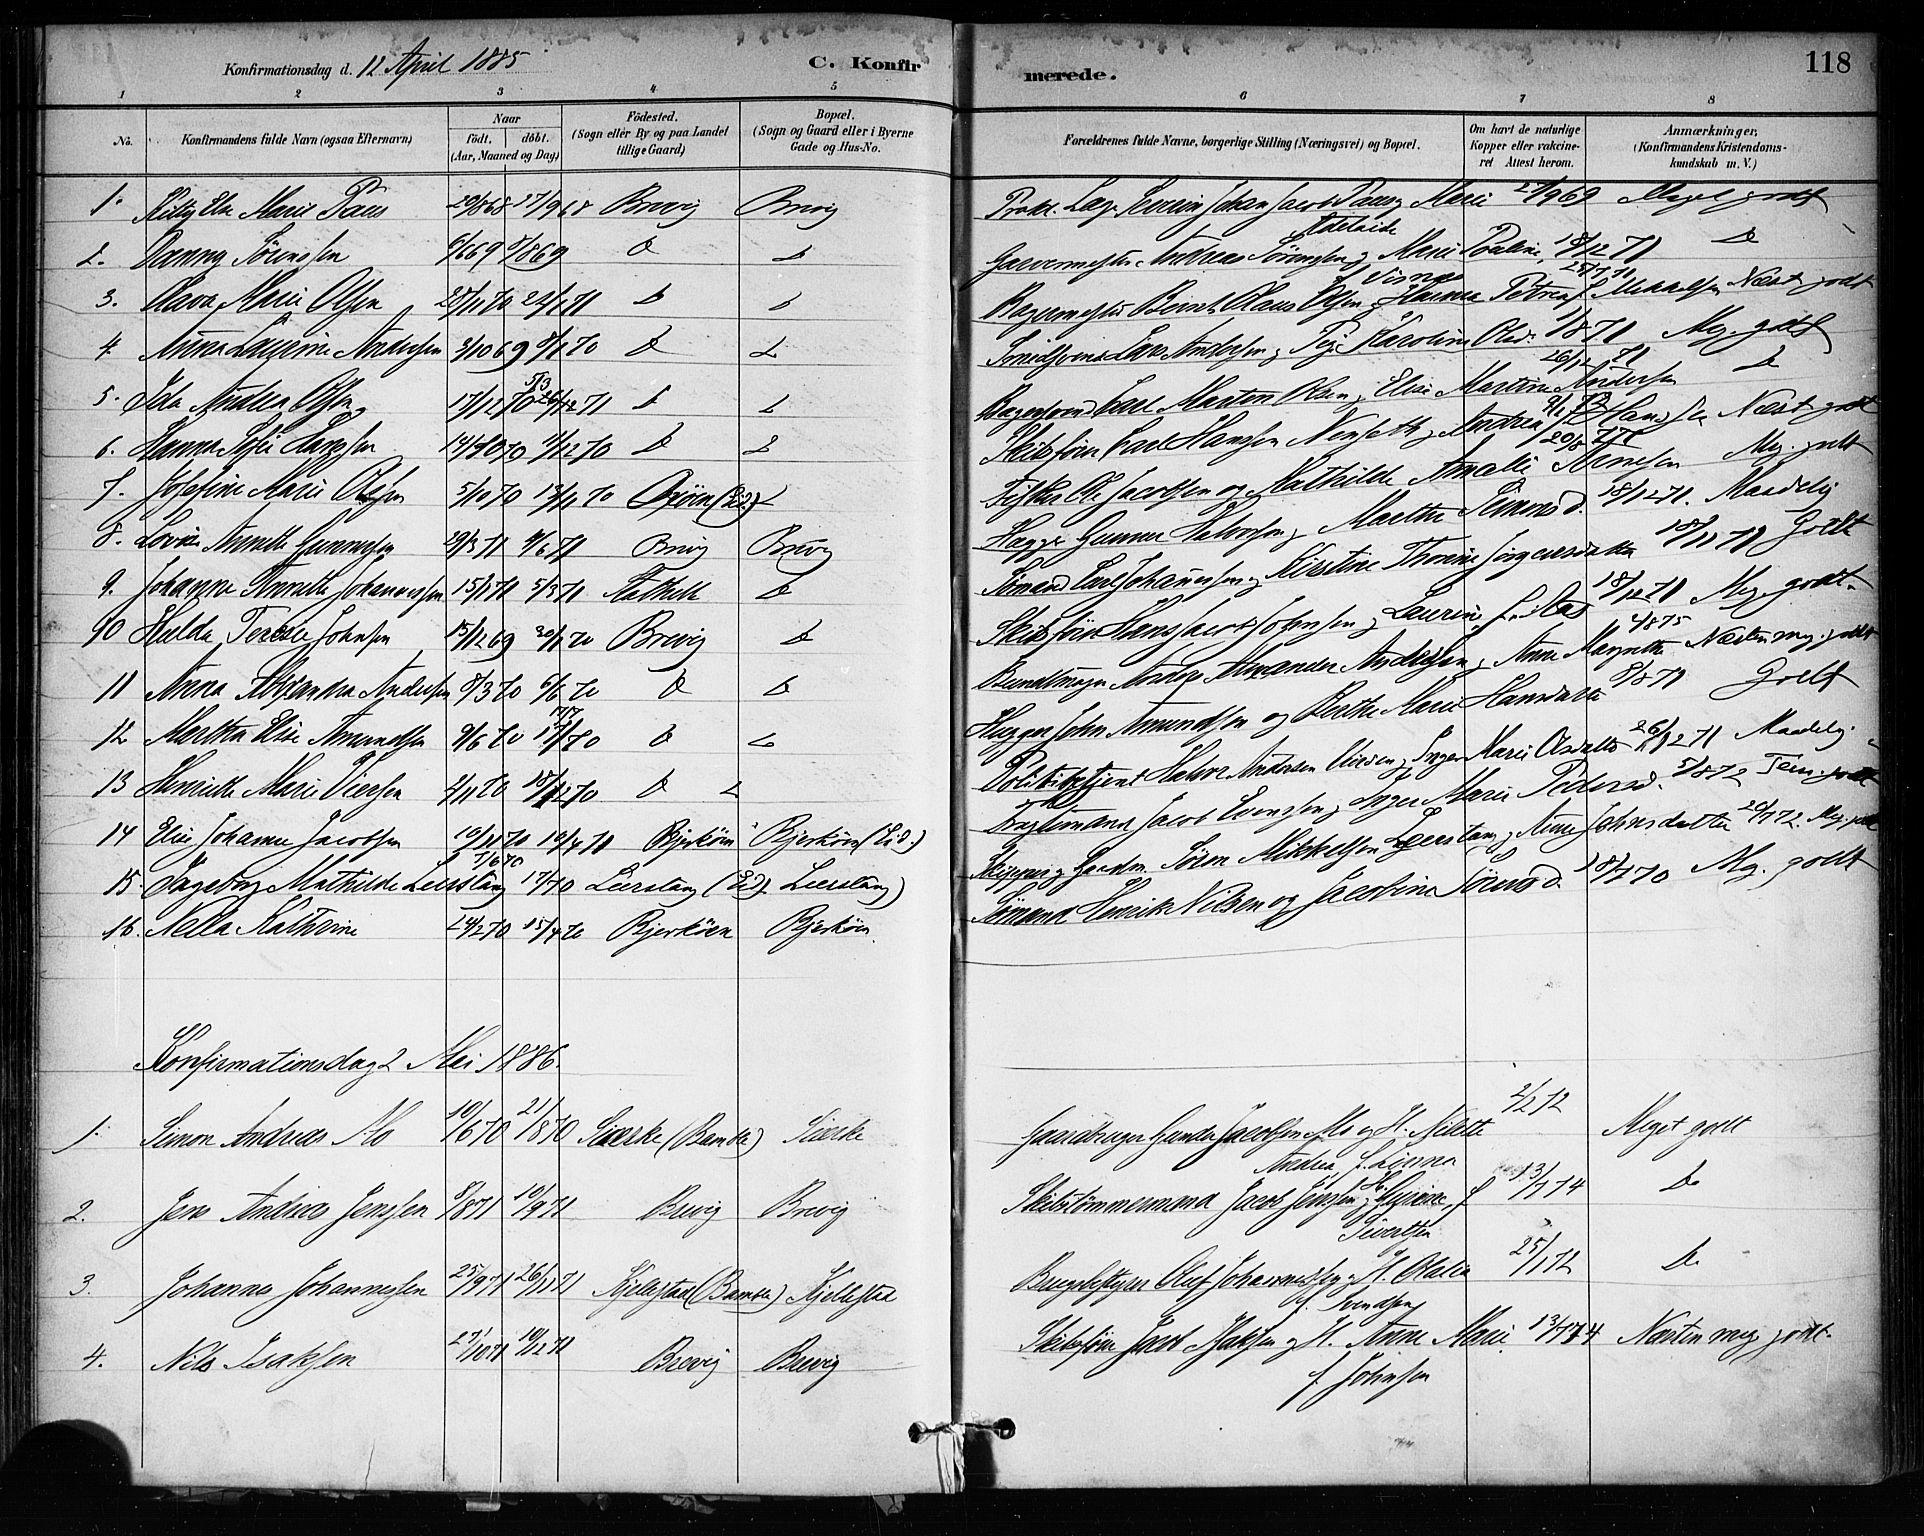 SAKO, Brevik kirkebøker, F/Fa/L0007: Ministerialbok nr. 7, 1882-1900, s. 118